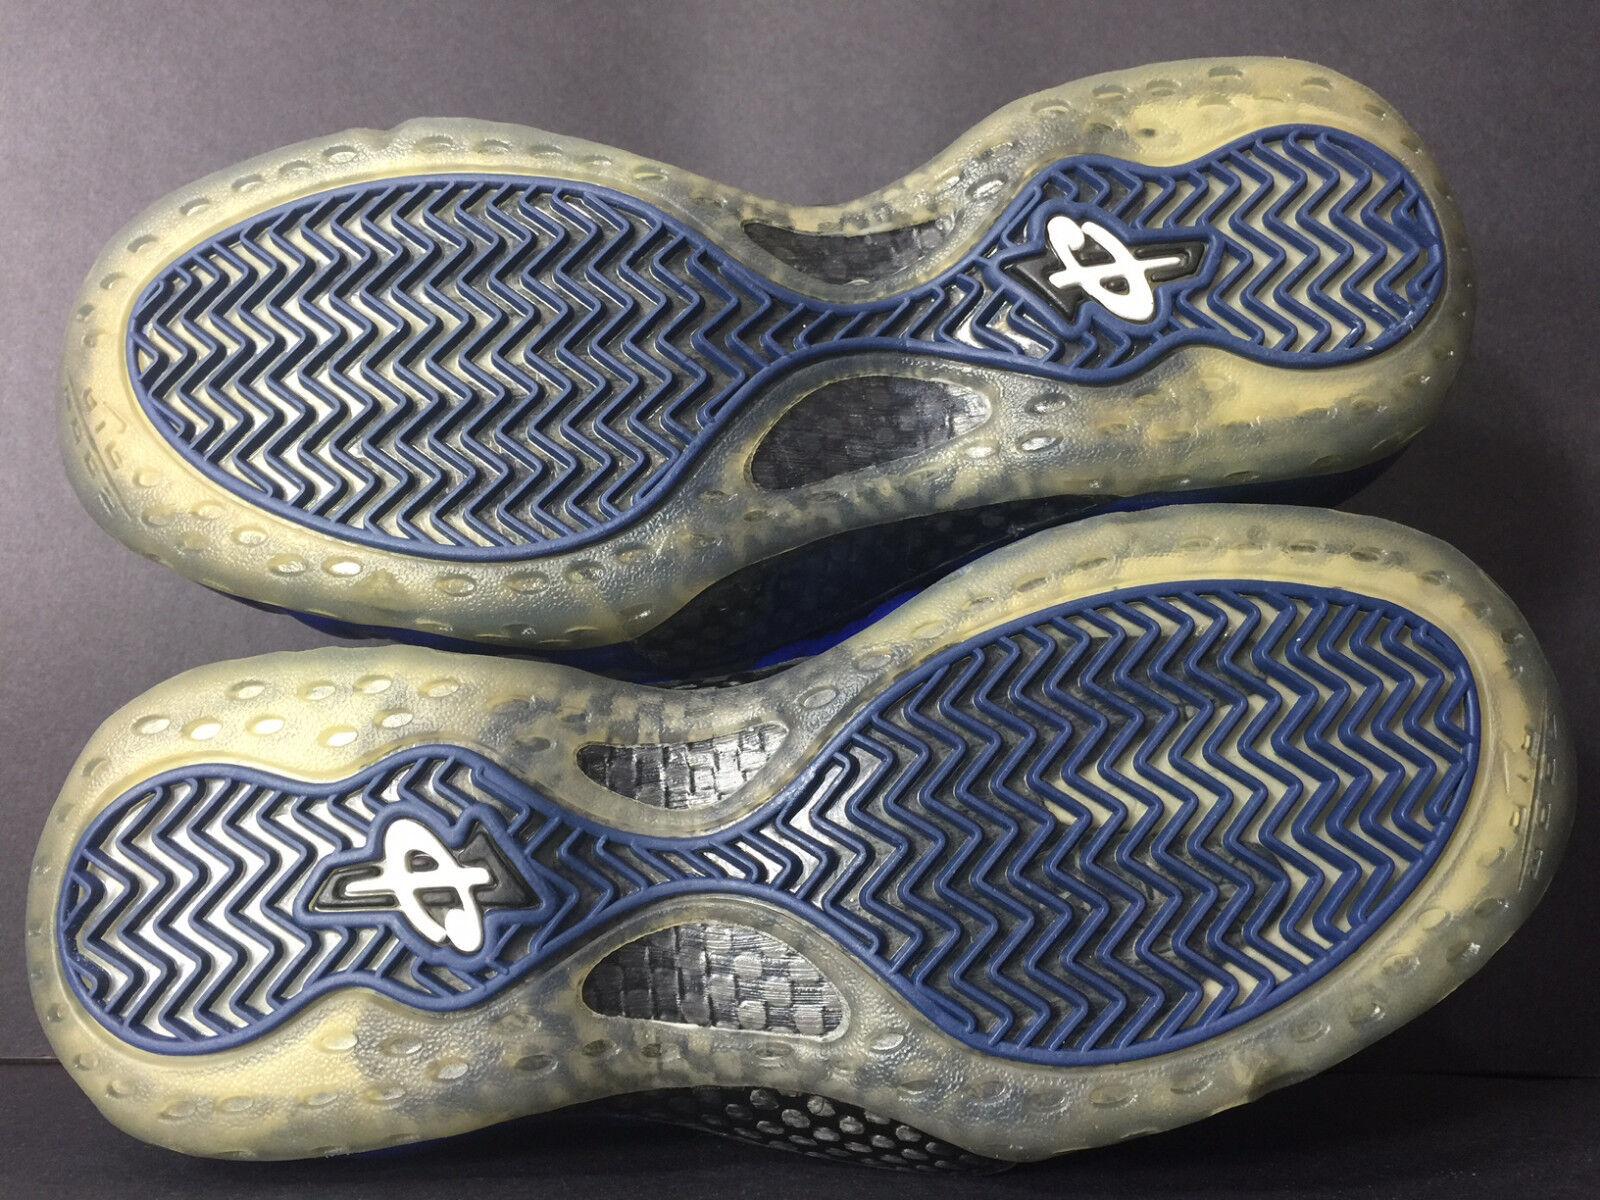 2006 ds neue nike air foamposite eine 1 - royal 9 penny  7,5 frauen 9 royal blau 7 6.5 631b4f